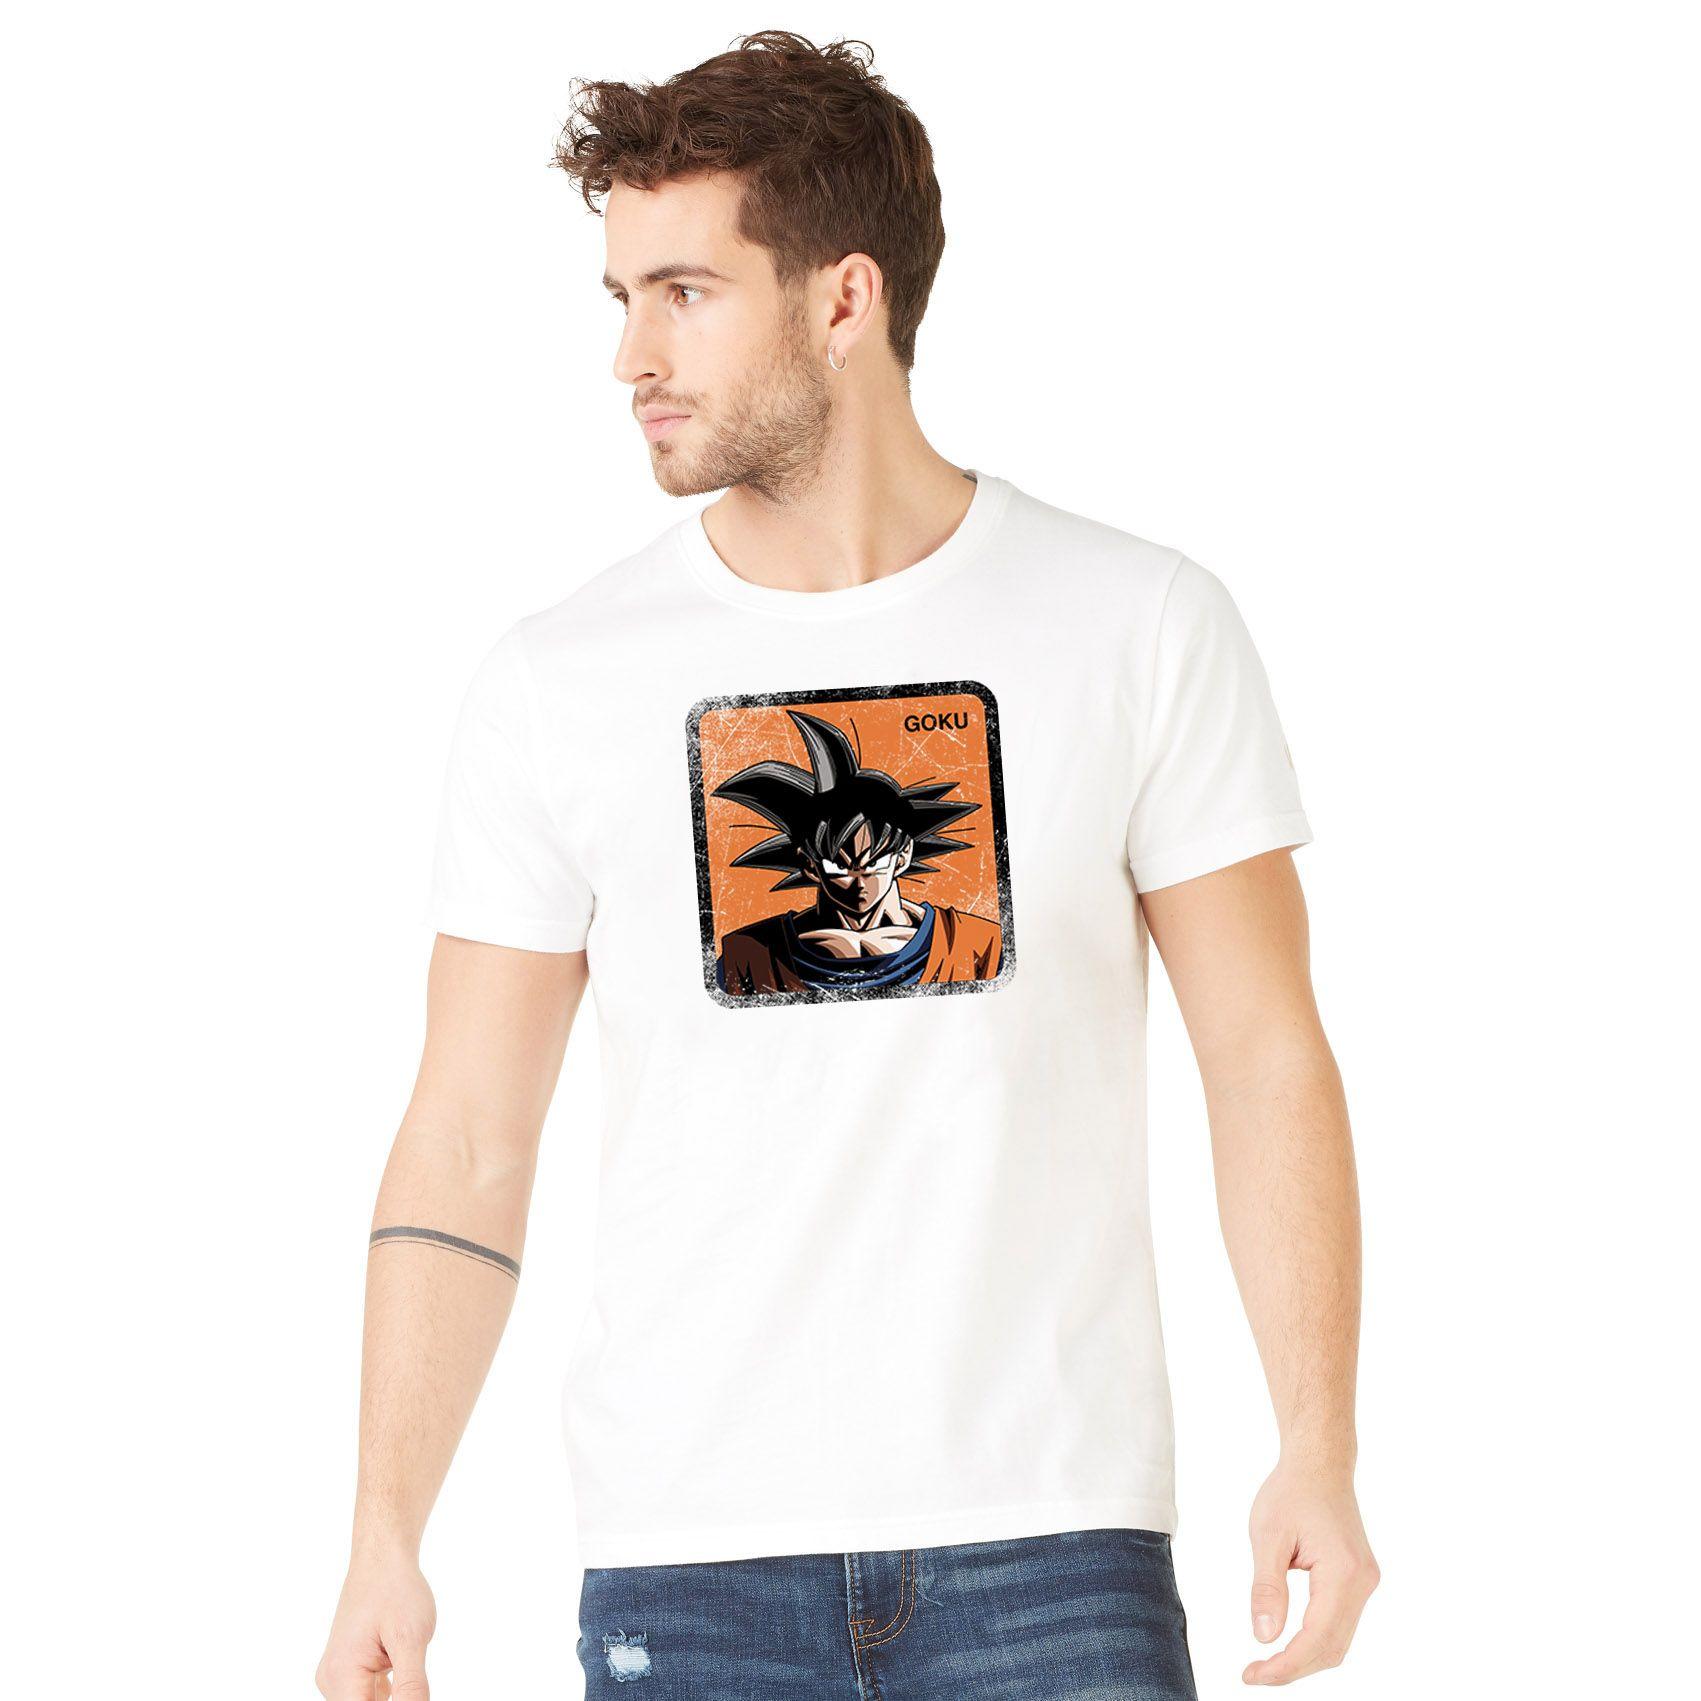 T-shirt homme dragon ball z goku blanc